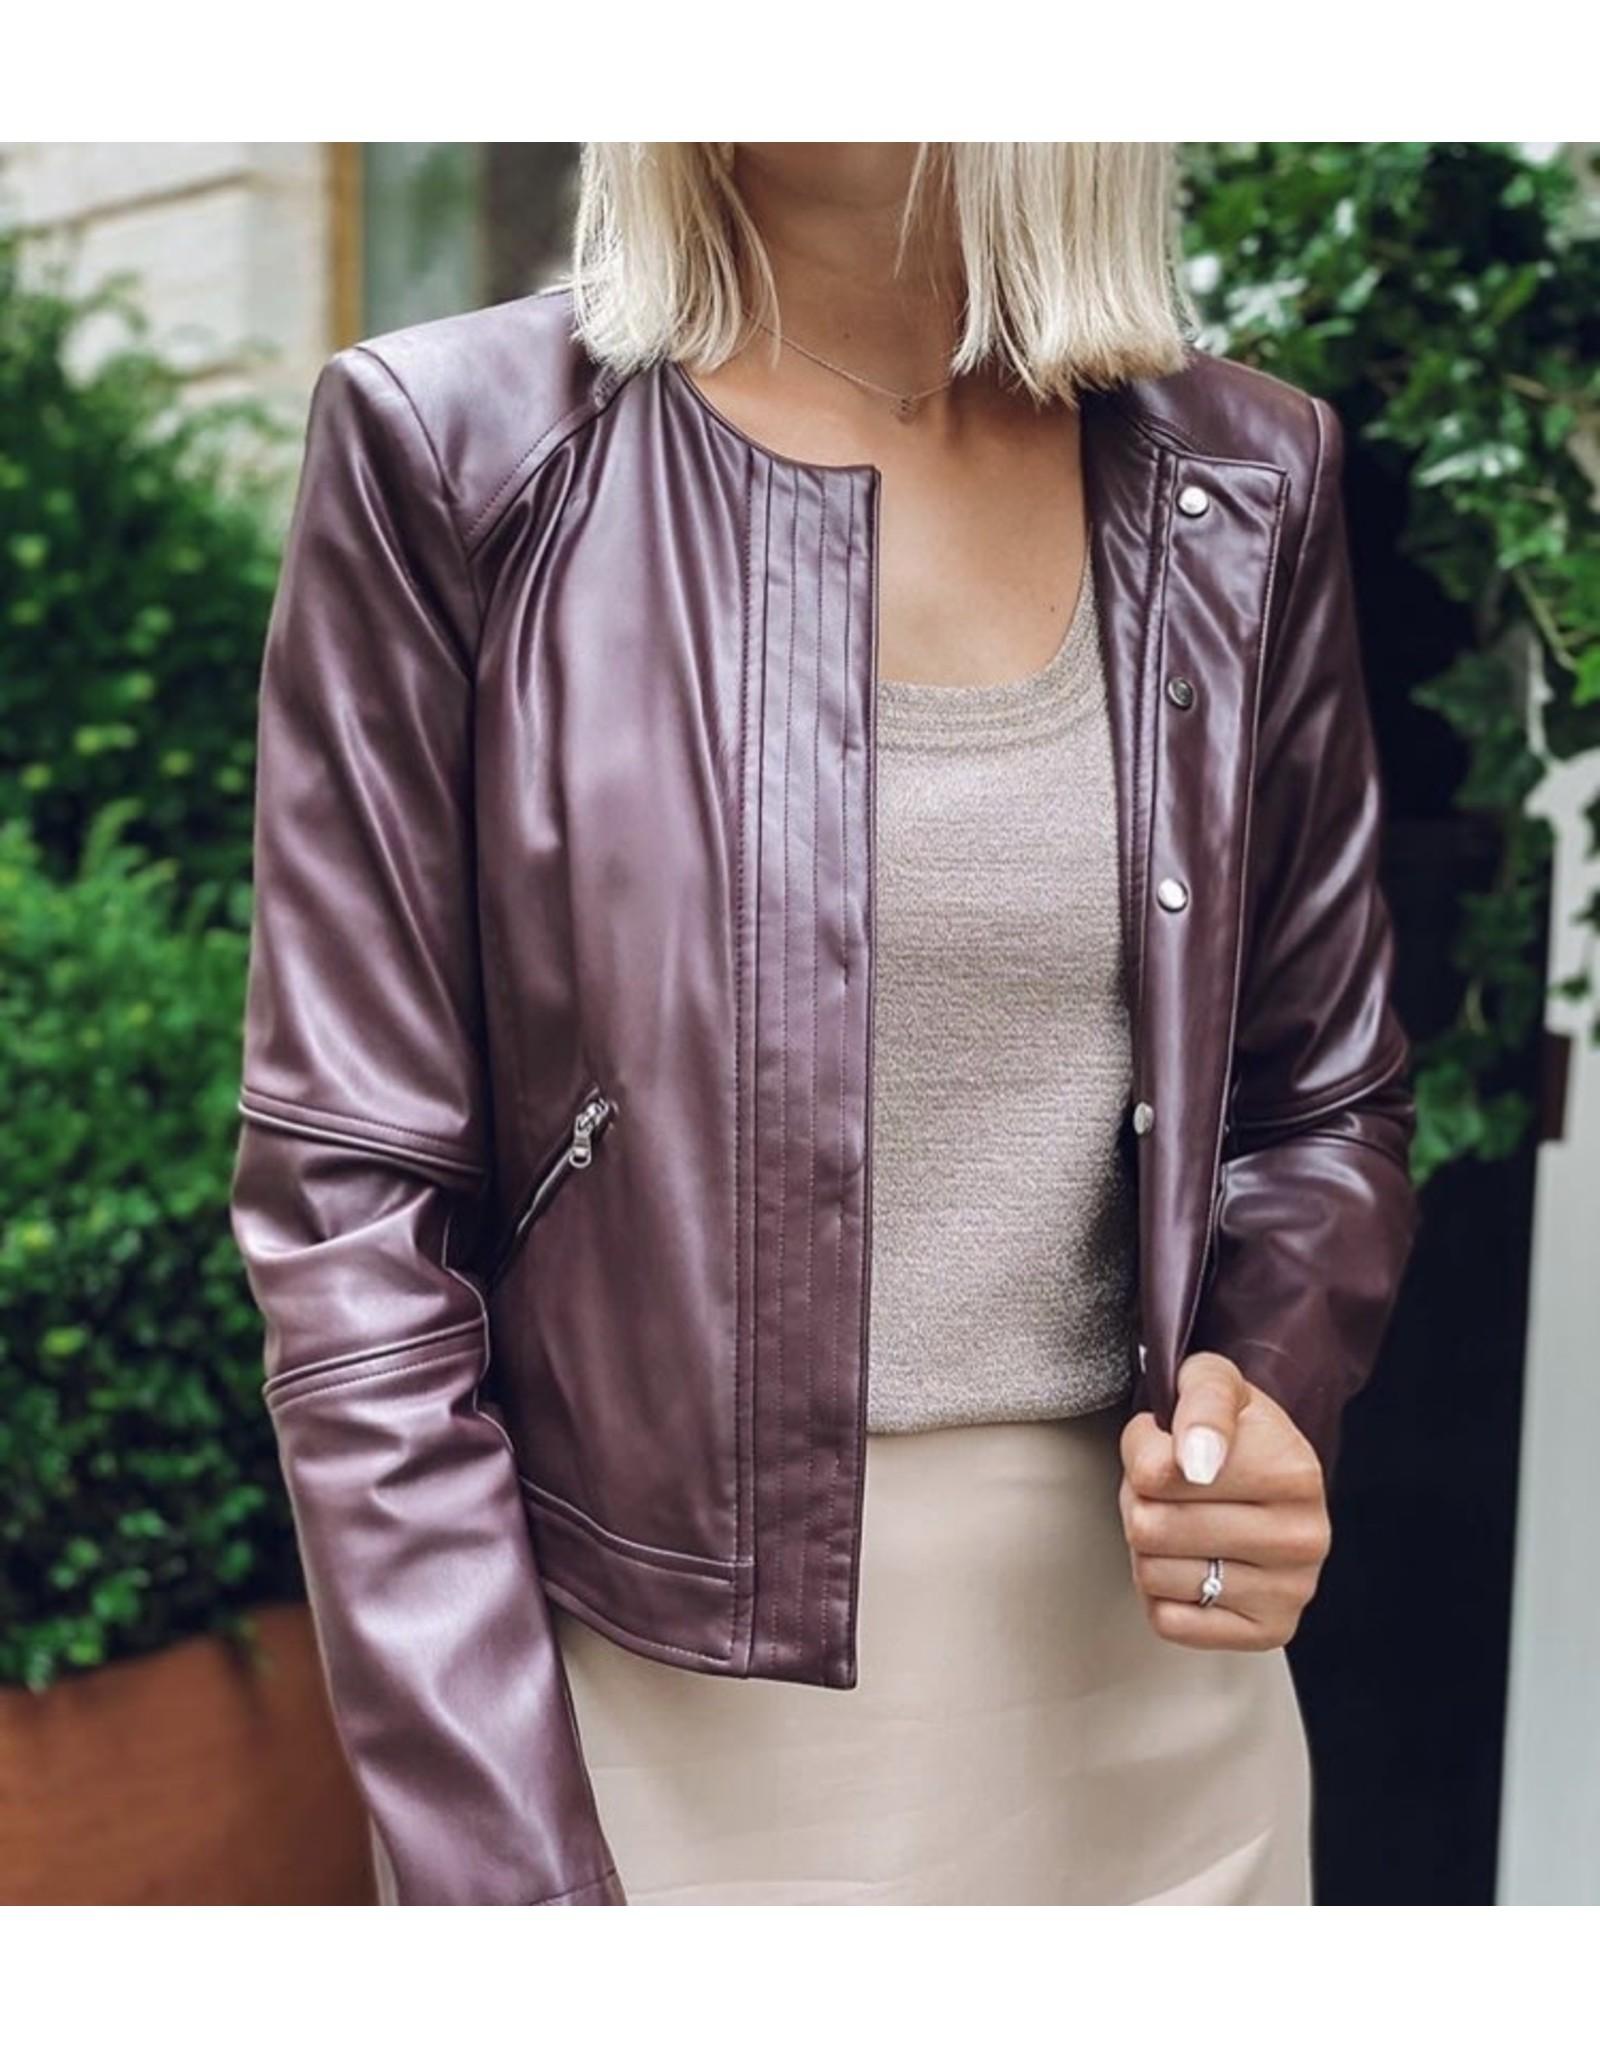 Vest P. Pepe faux leather bordeaux